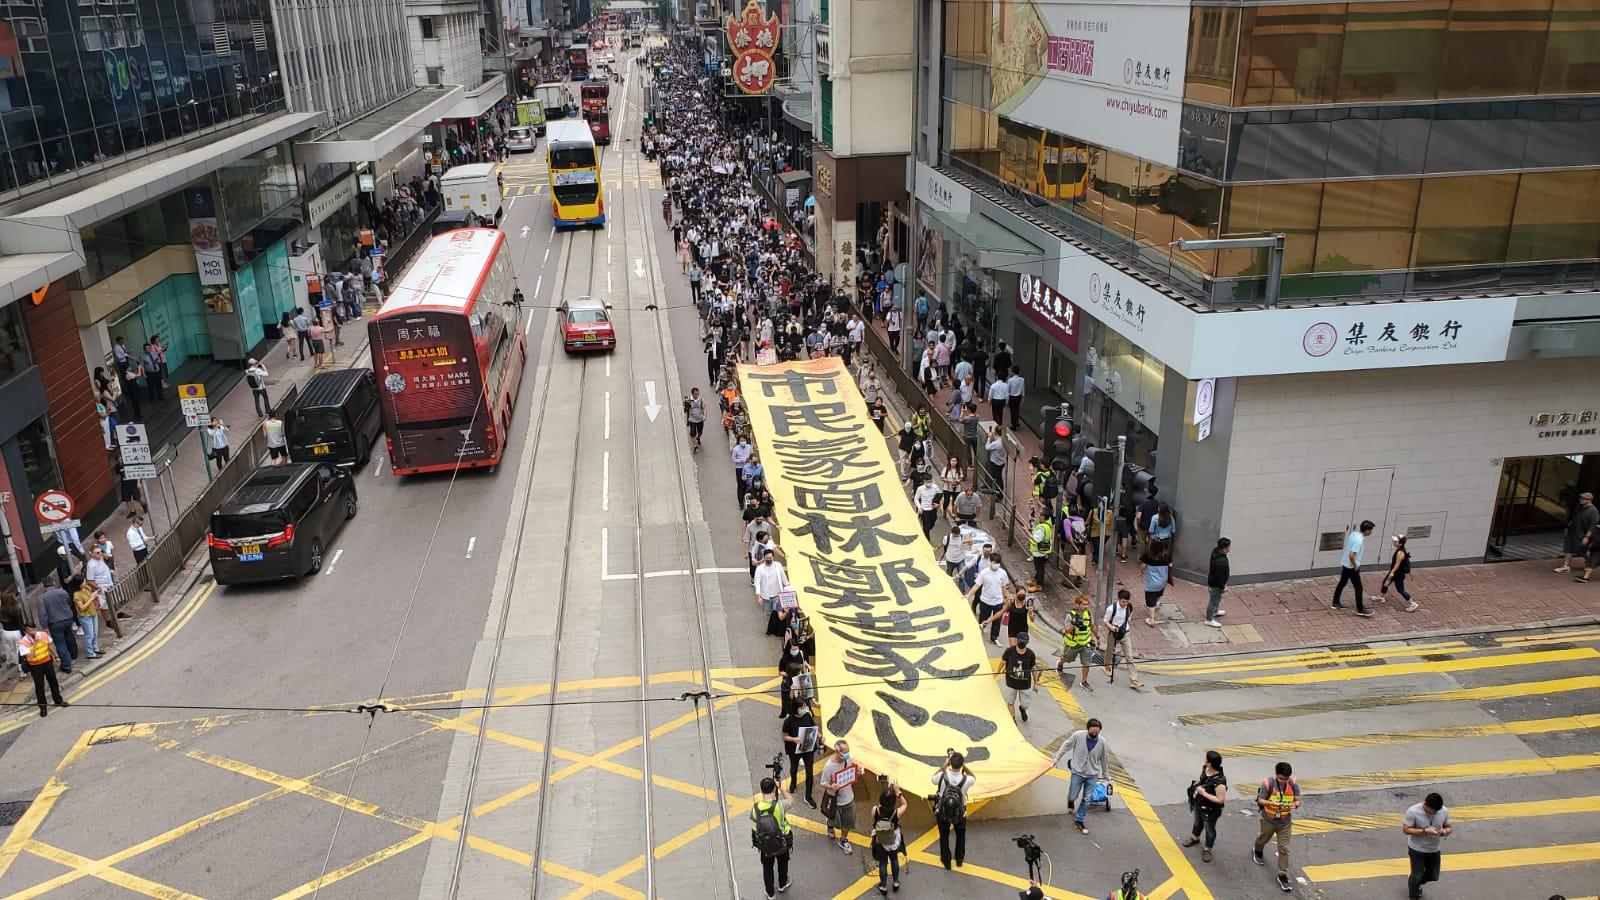 示威者帶同巨型直幡走出遮打花園,沿馬路遊行,阻礙行車線。